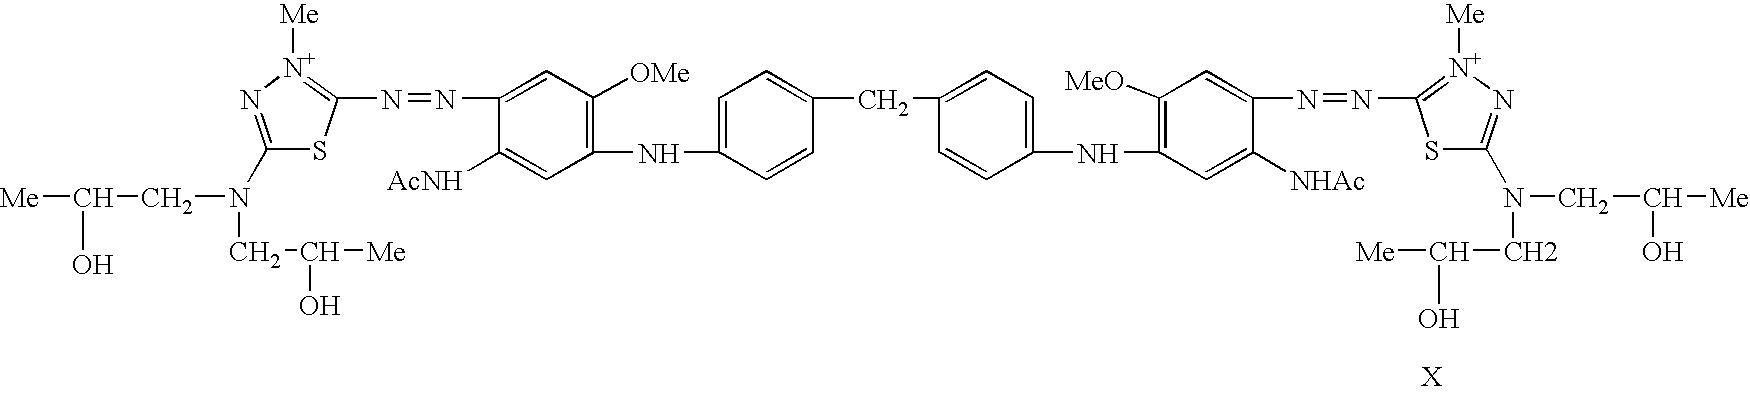 Figure US07497878-20090303-C00008